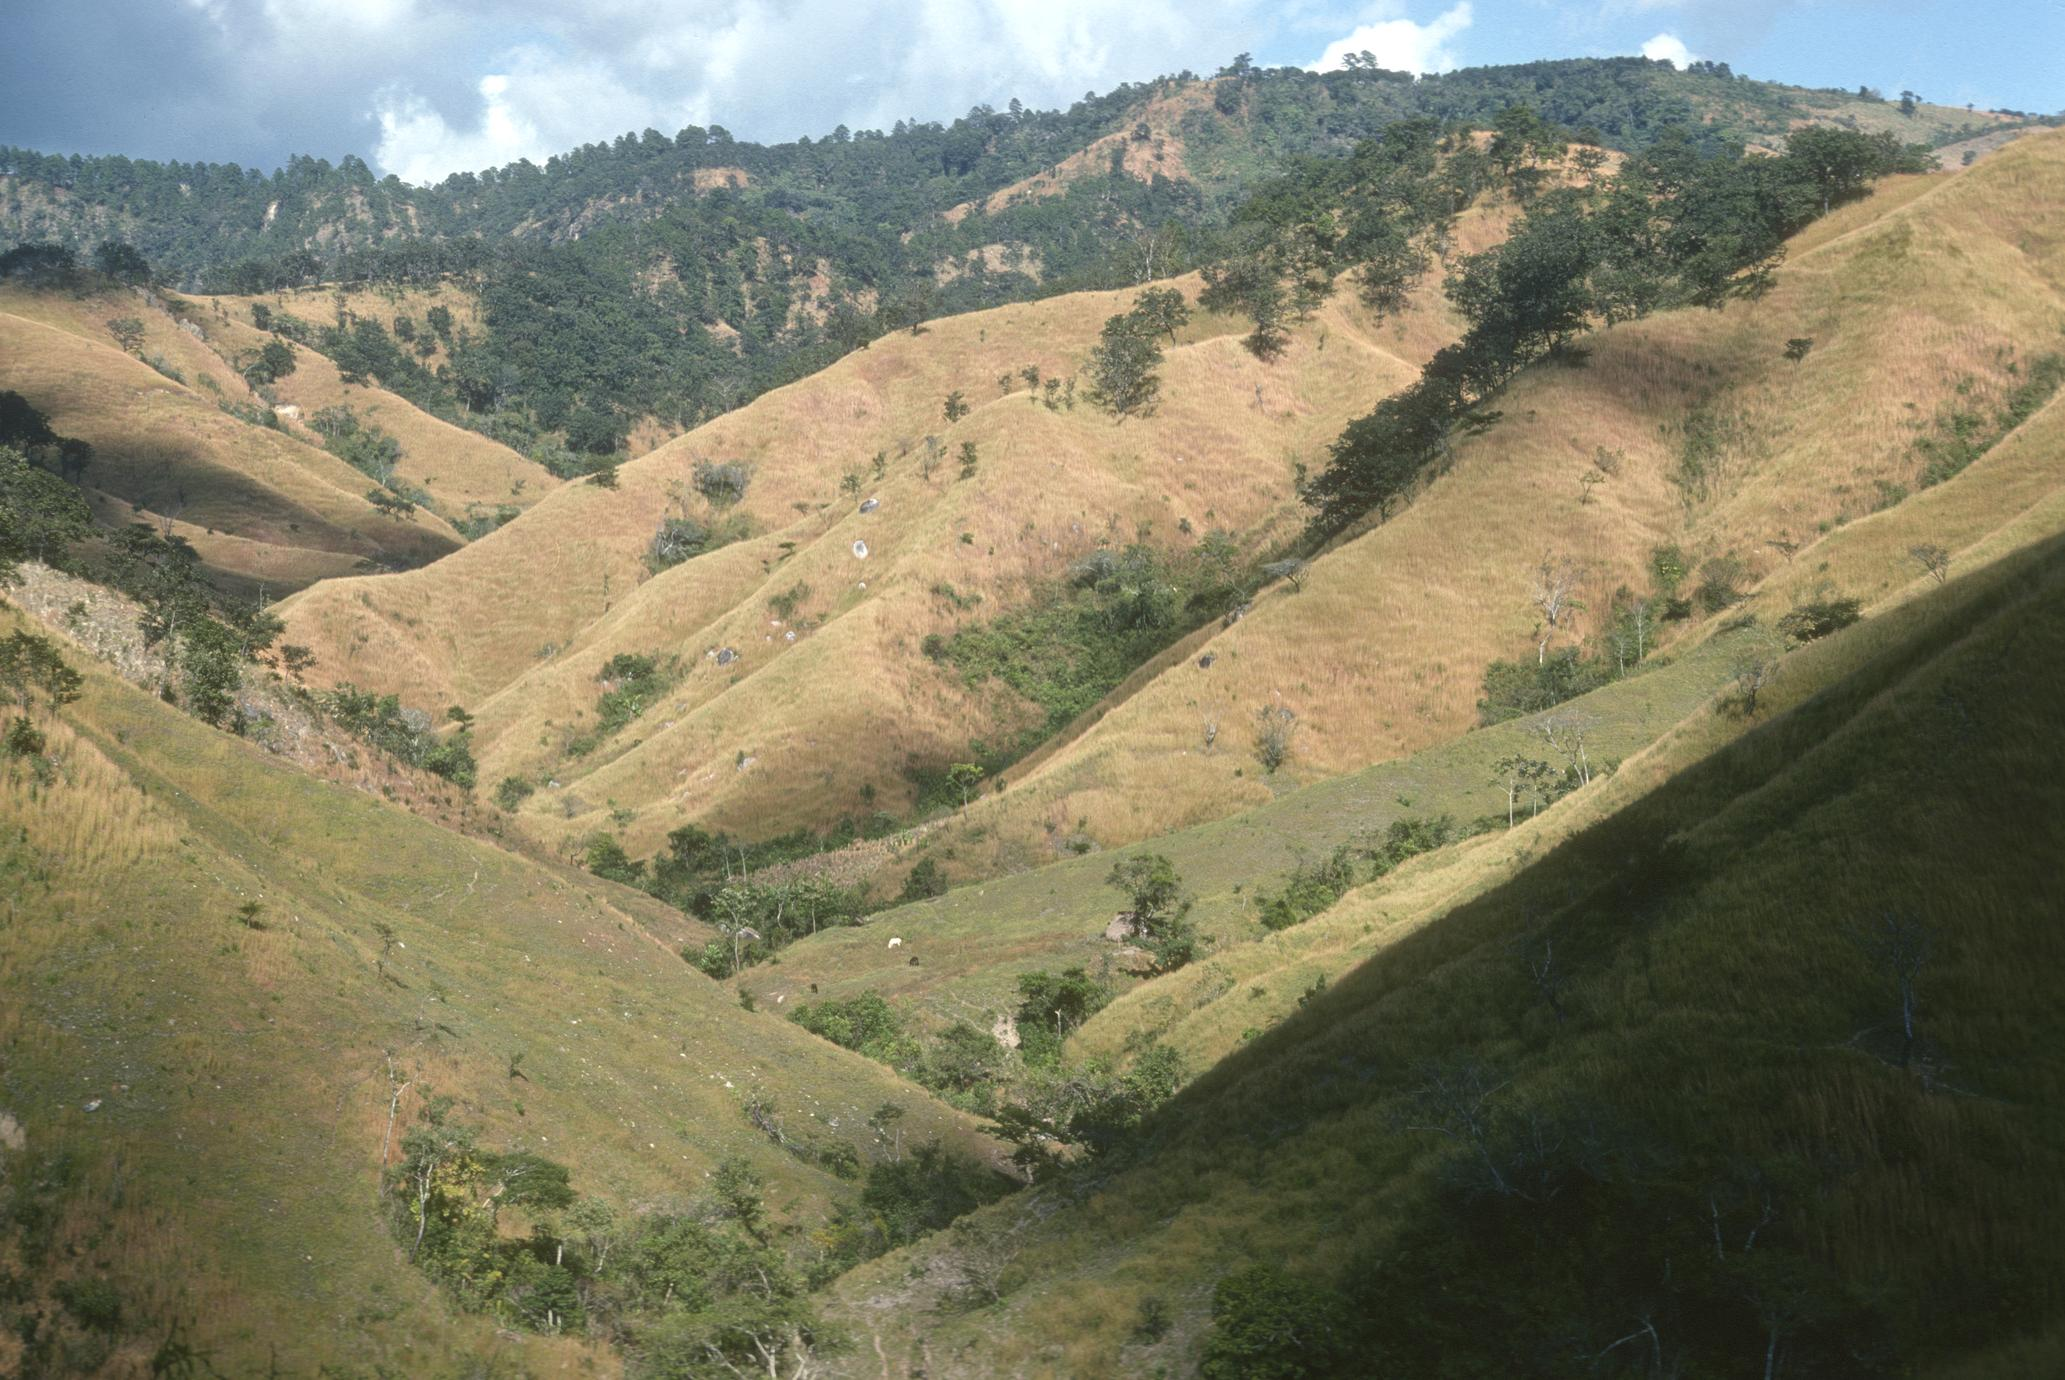 Grazed savanna between Cuilapa and Jutiapa